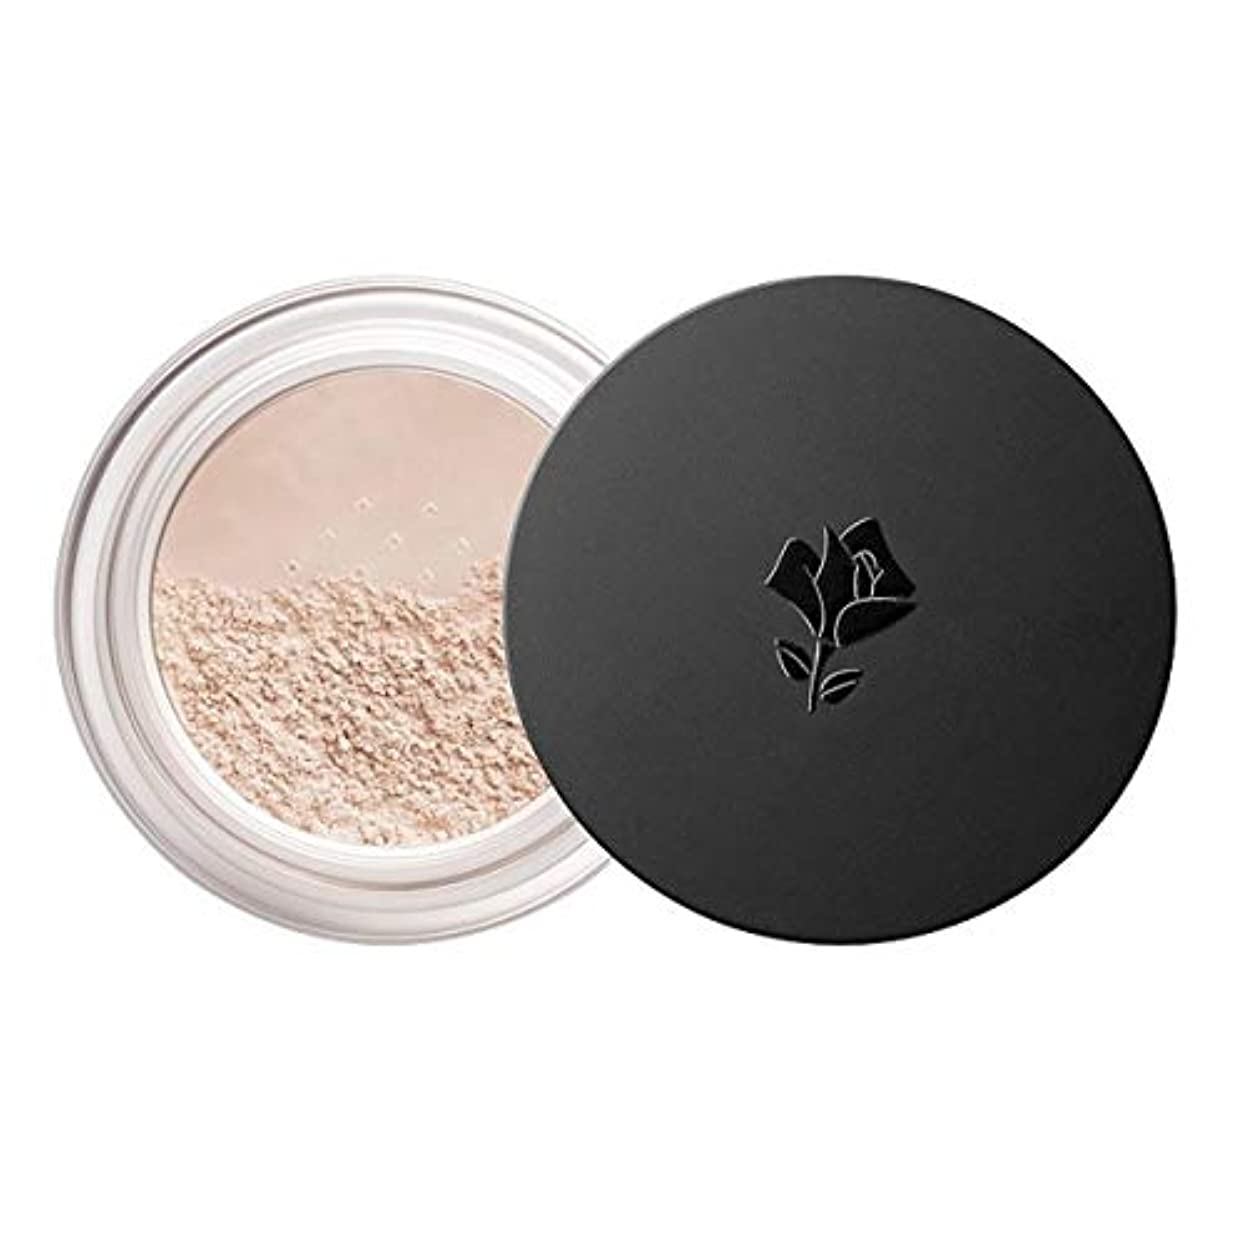 発揮するポジティブ消費ランコム Long Time No Shine Loose Setting & Mattifying Powder - # Translucent 15g/0.52oz並行輸入品